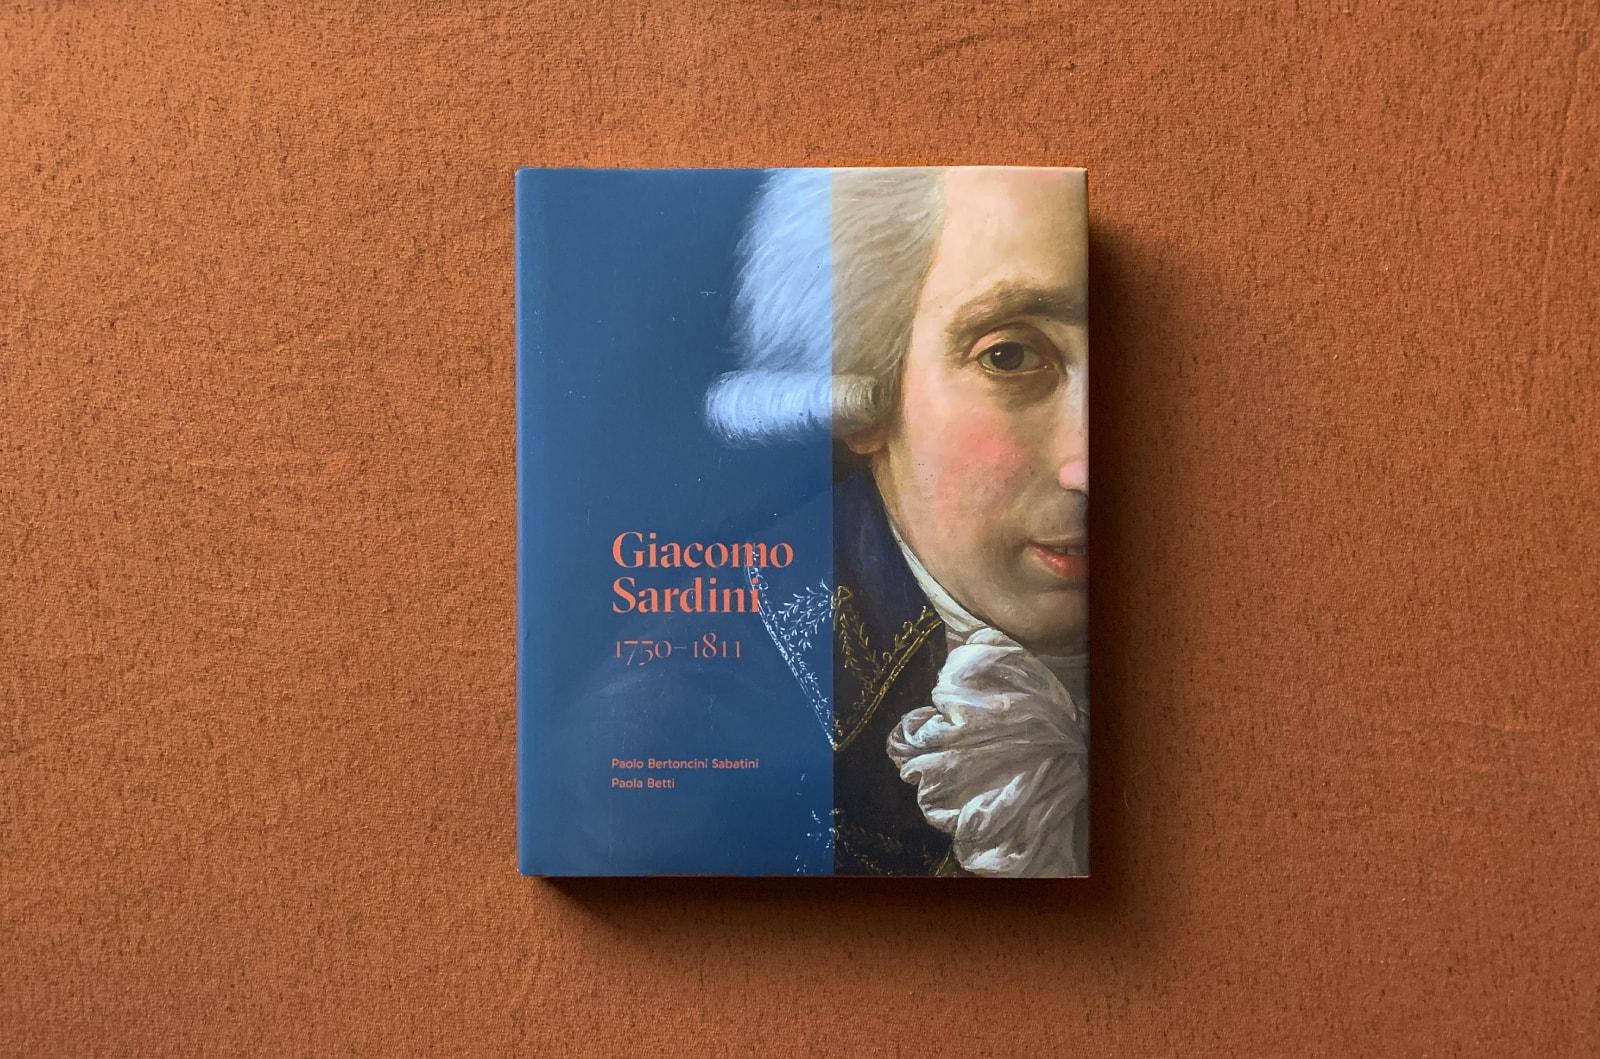 Giacomo Sardini 1750–1811 Book and Cover Design